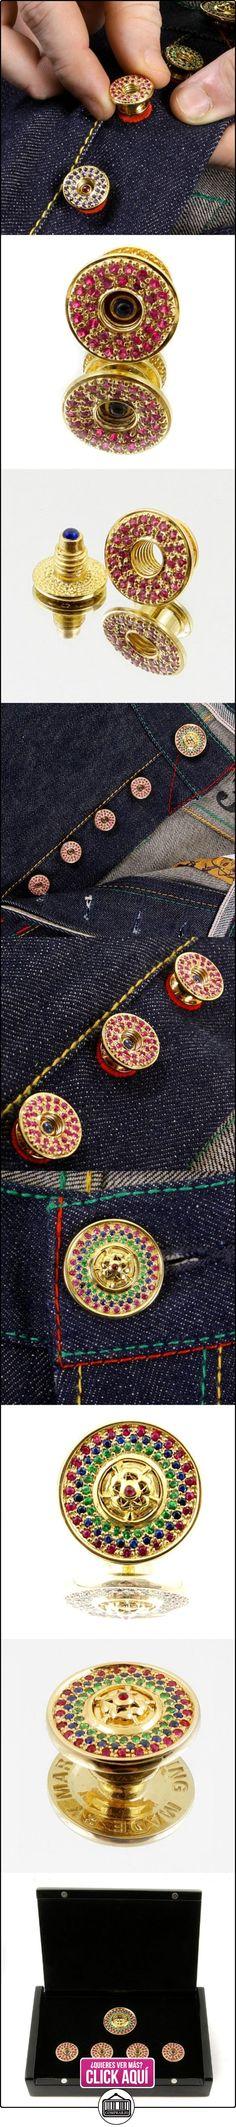 RMC Martin Ksohoh Ruby botón de Custom Made de piedras preciosas Set en caja de regalo rmc2340, rojo, talla única  ✿ Joyas para hombres especiales - lujo ✿ ▬► Ver oferta: https://comprar.io/goto/B00HWRE2JY